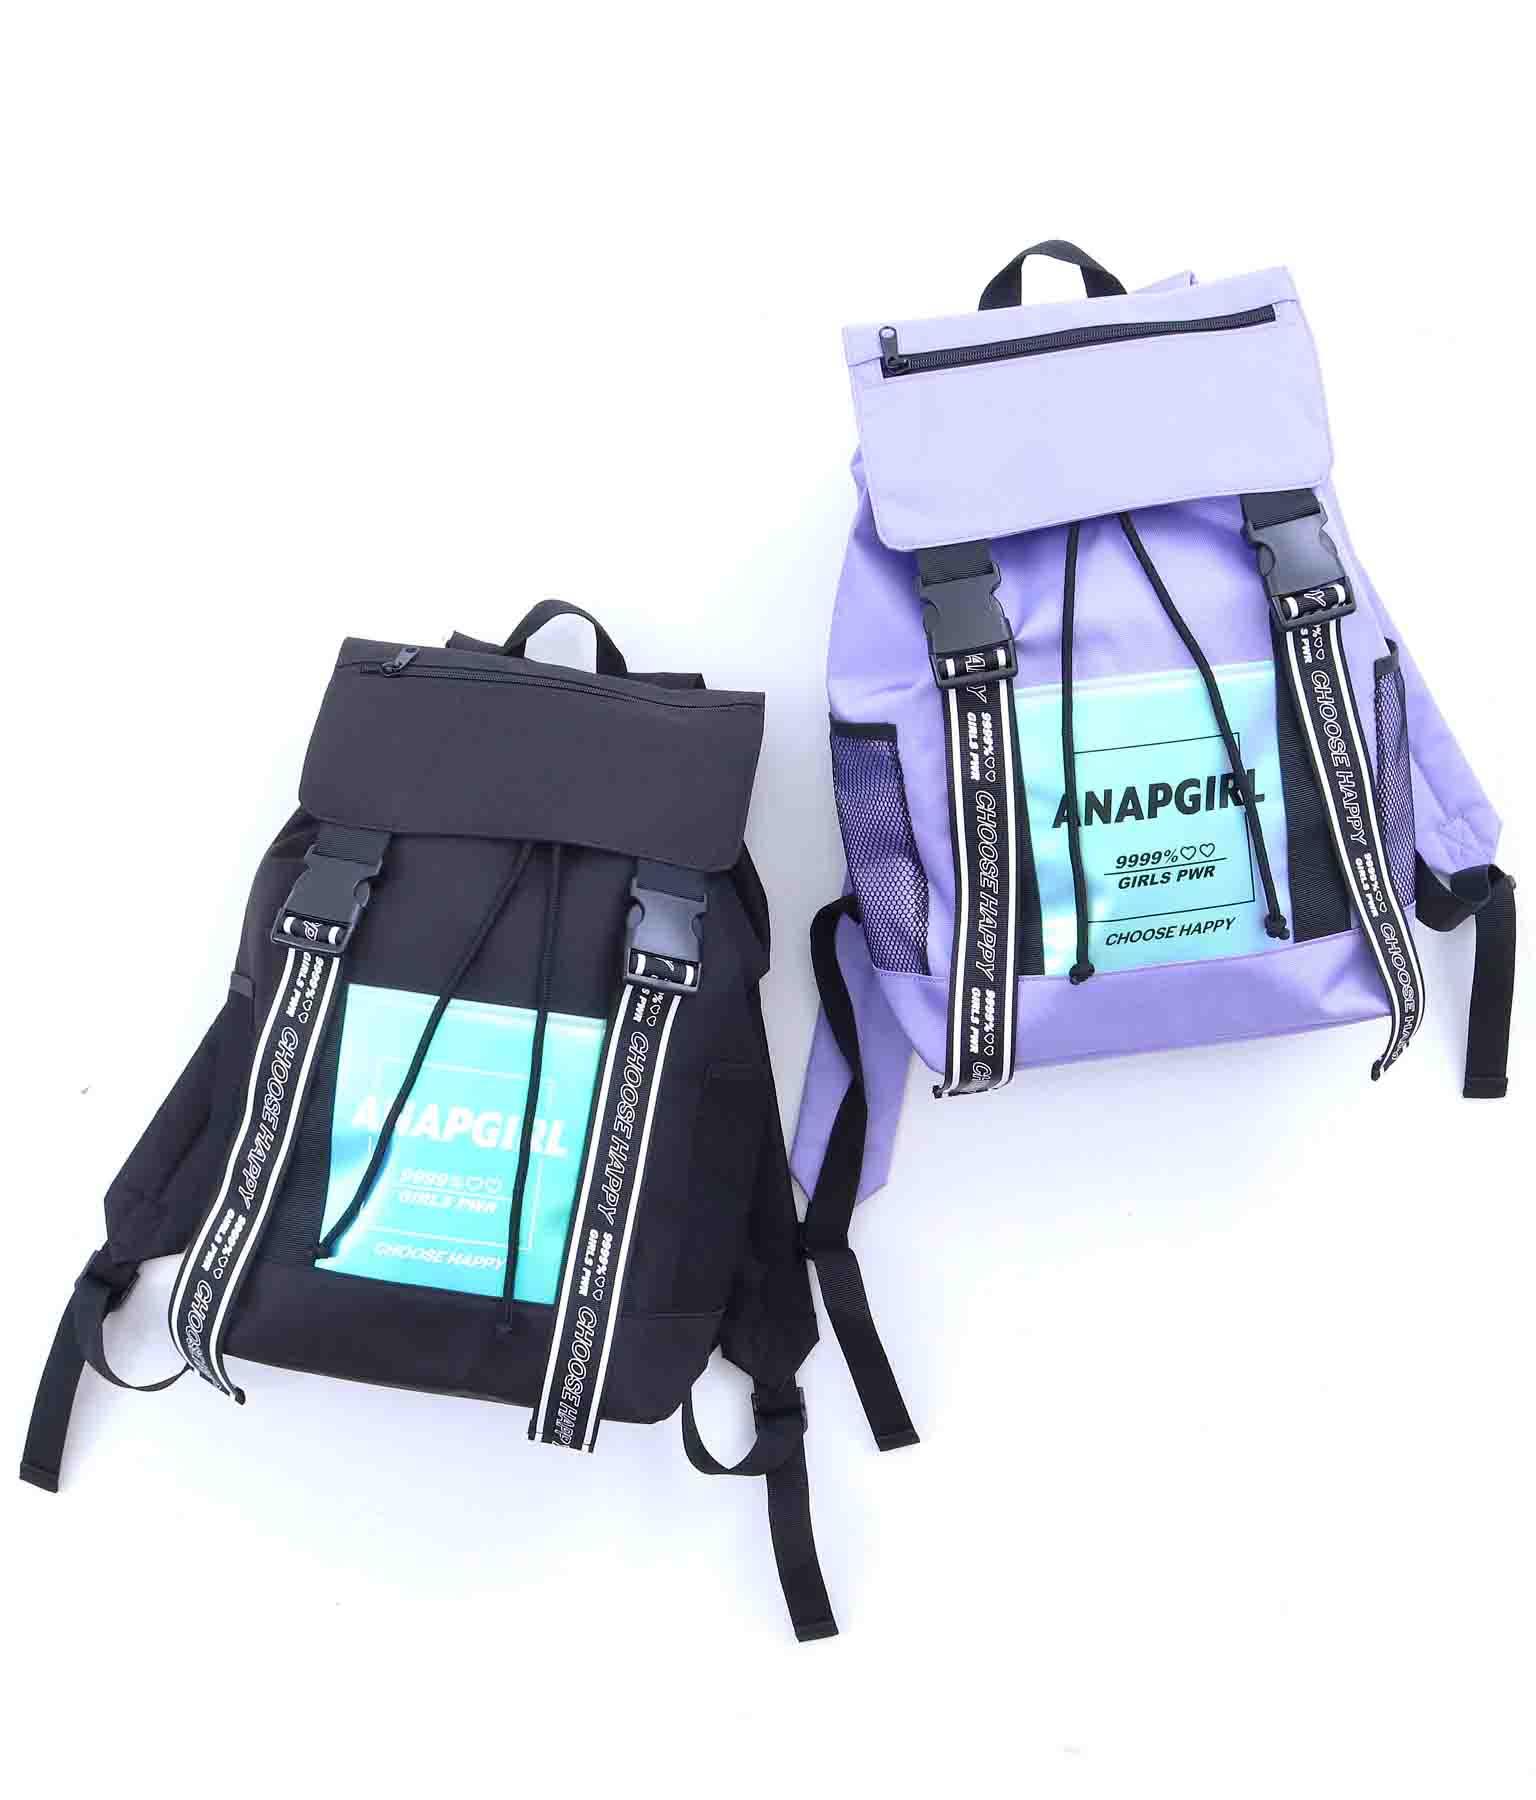 ホログラムポケット付リュック(バッグ・鞄・小物/バックパック・リュック) | ANAP GiRL